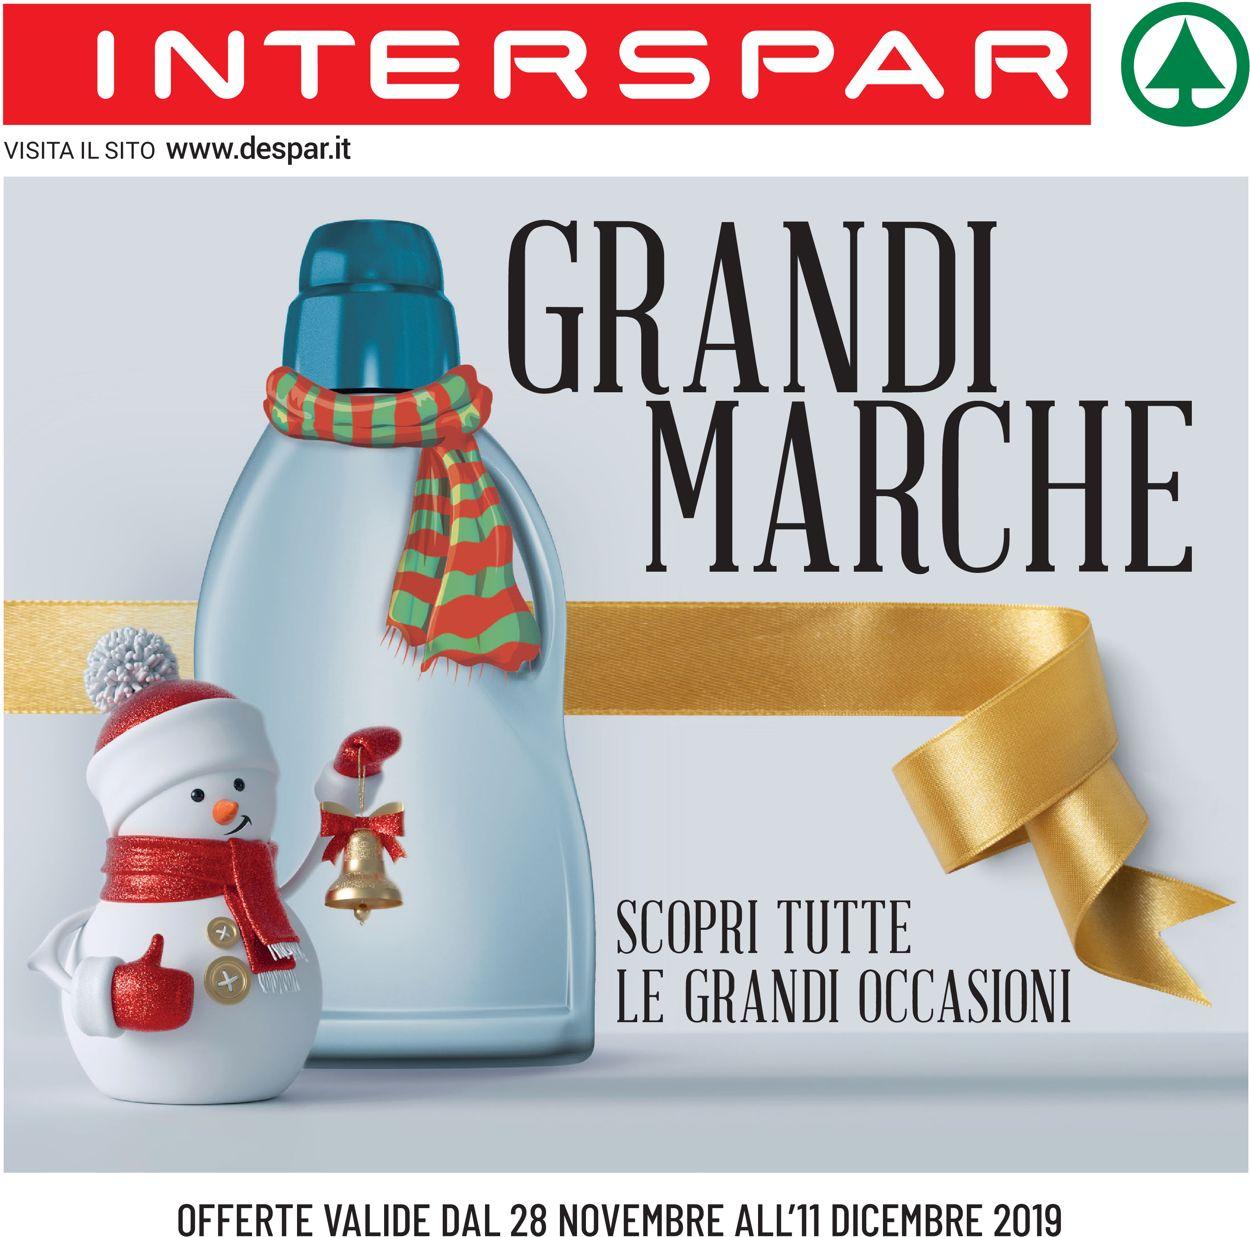 Volantino Interspar - Offerte 28/11-11/12/2019